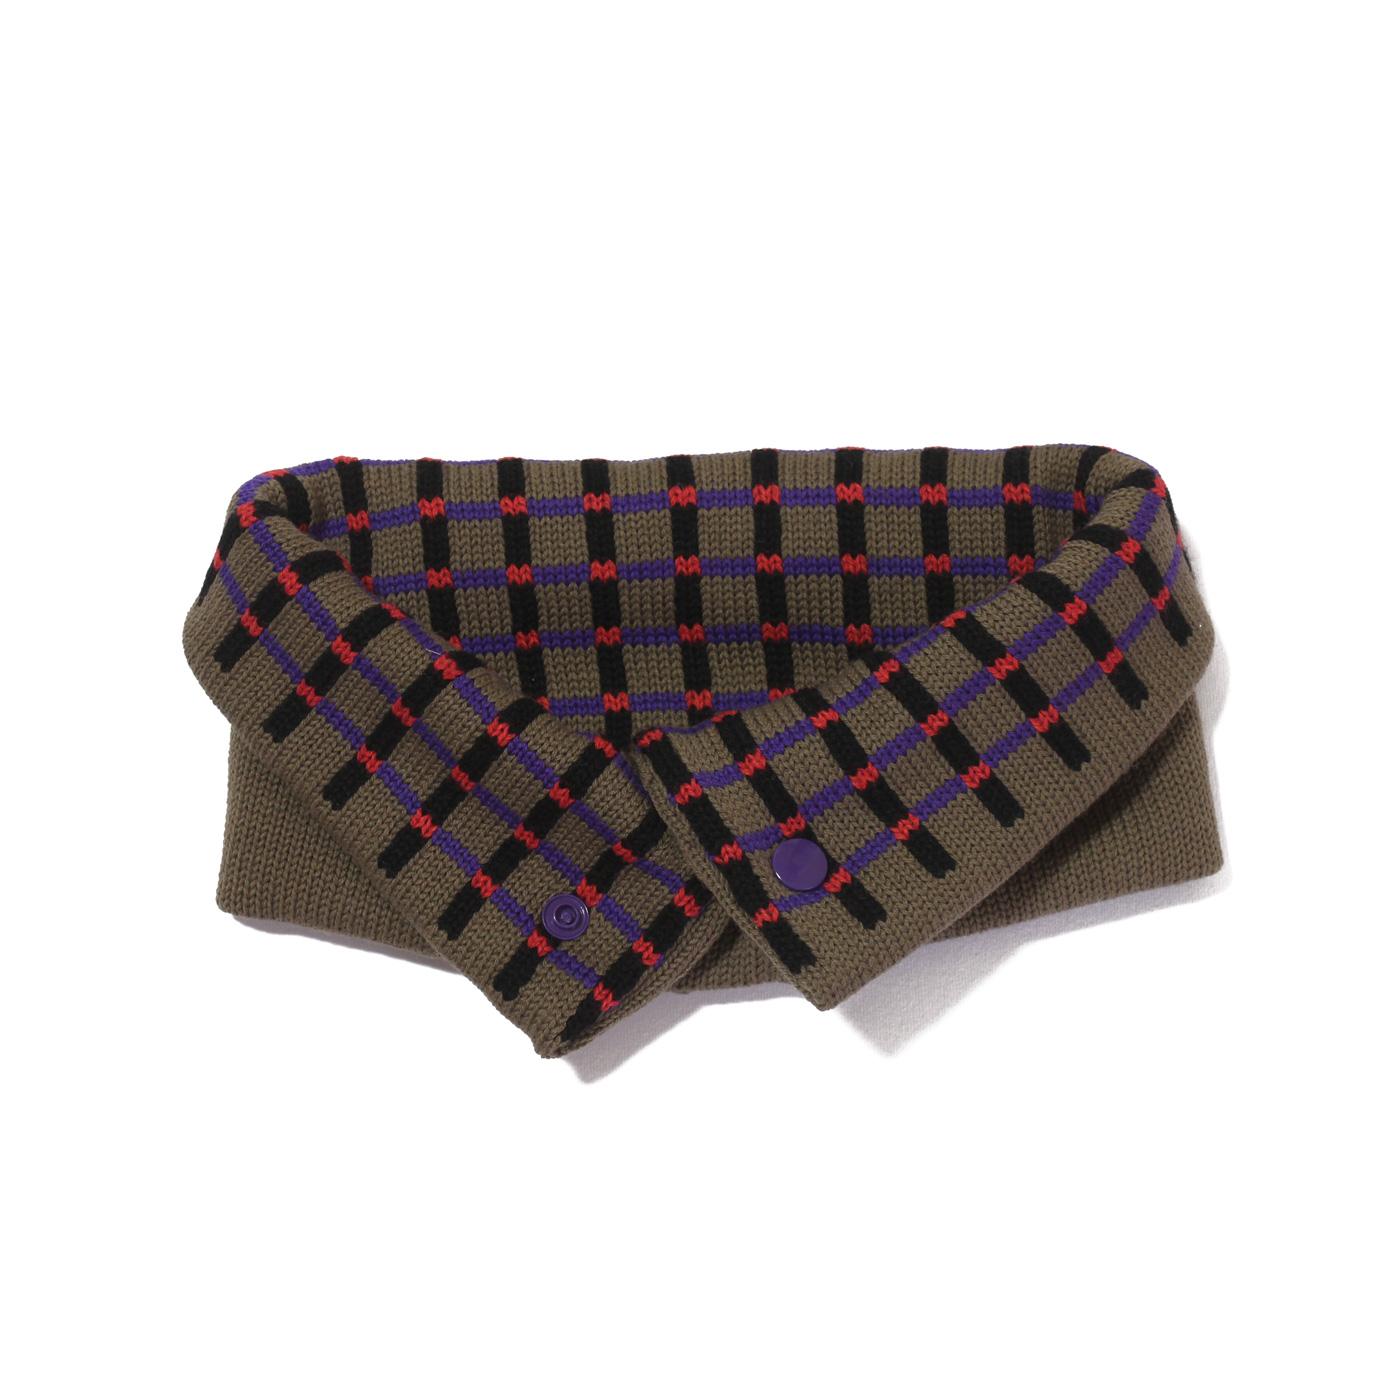 colletto grigio nero viola rosso